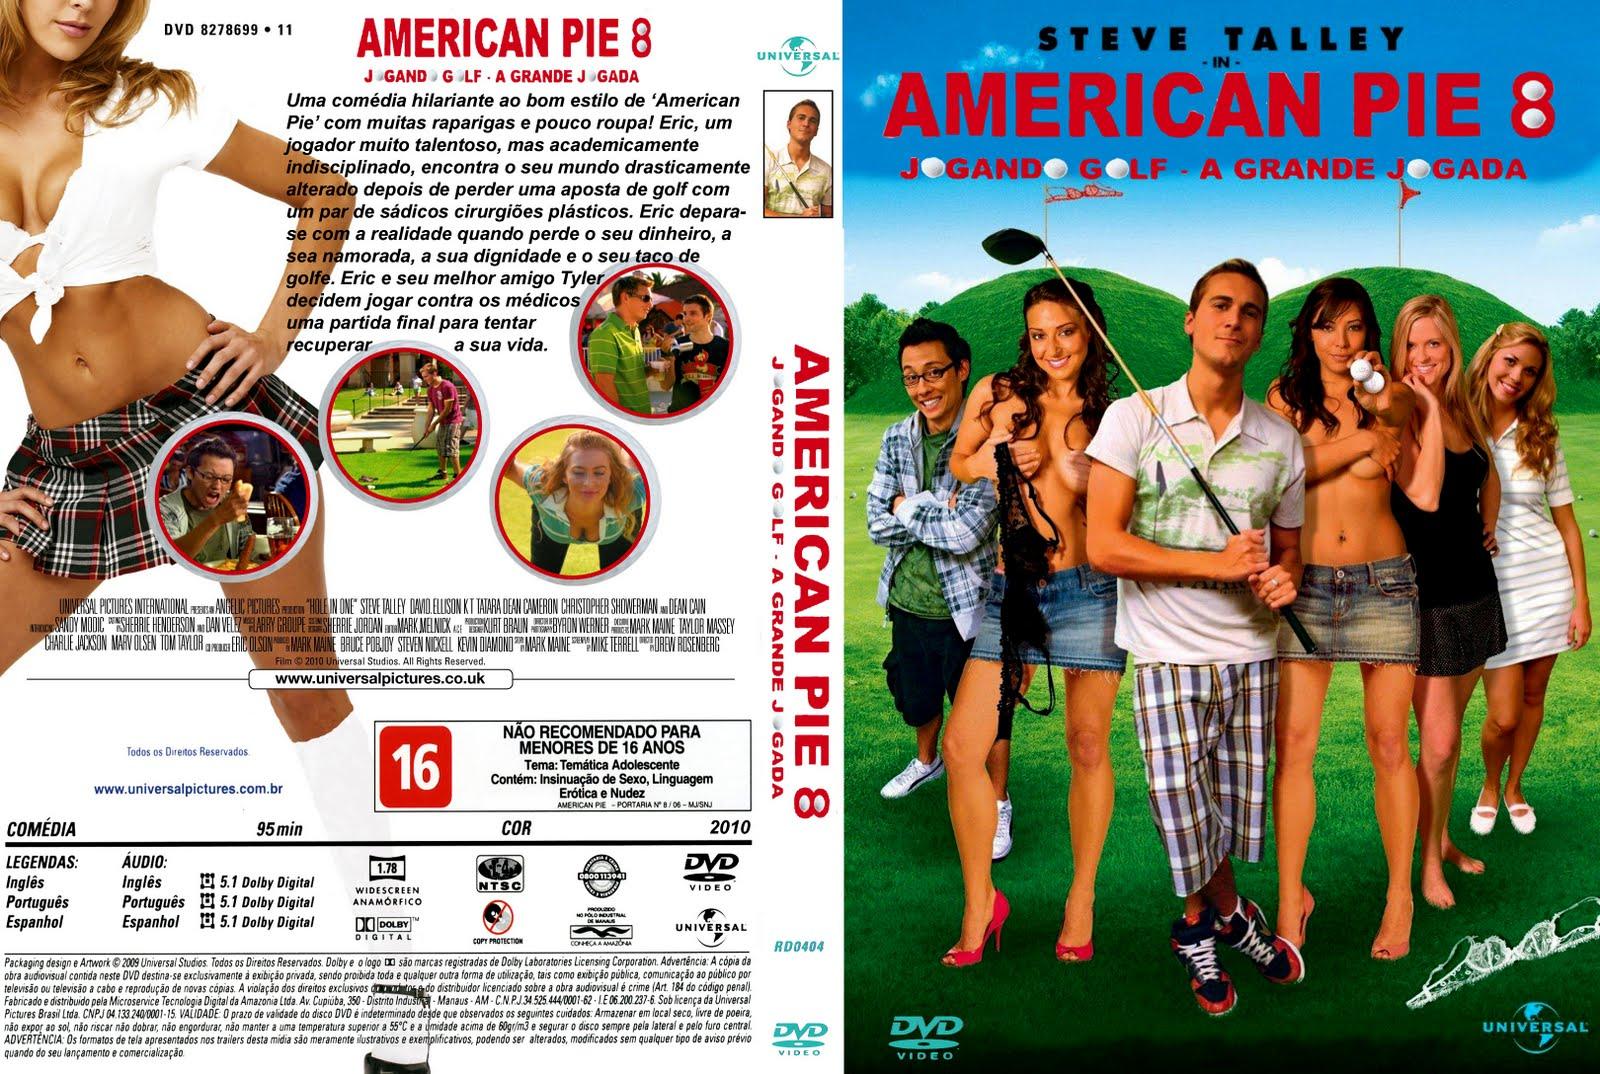 american pie 9 - photo #1